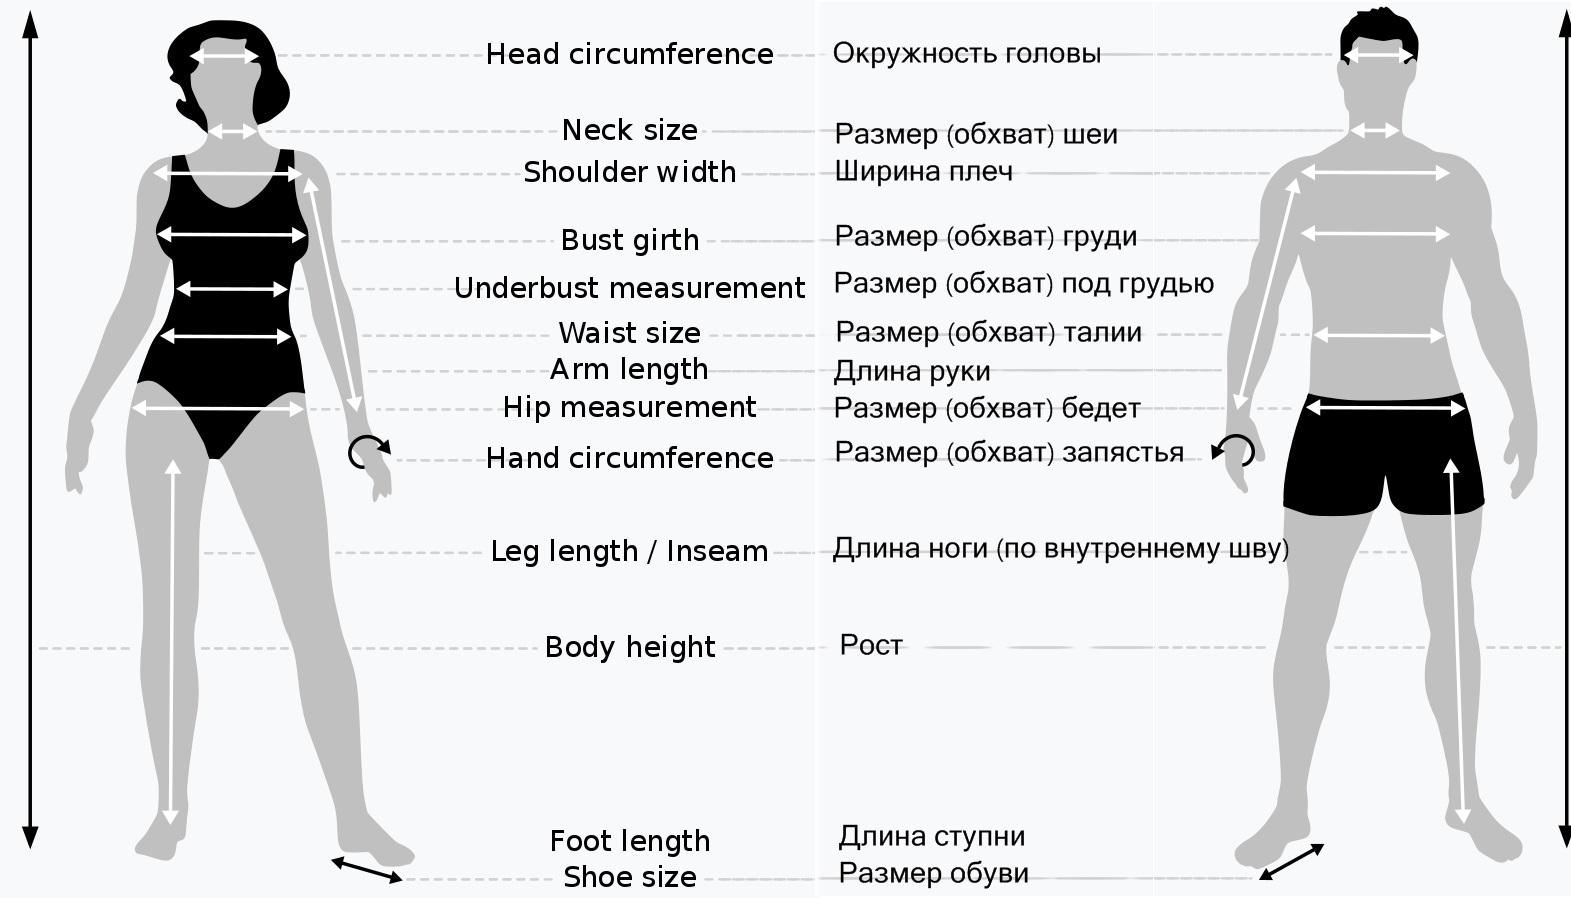 Размеры одежды и обуви в США - фото 2